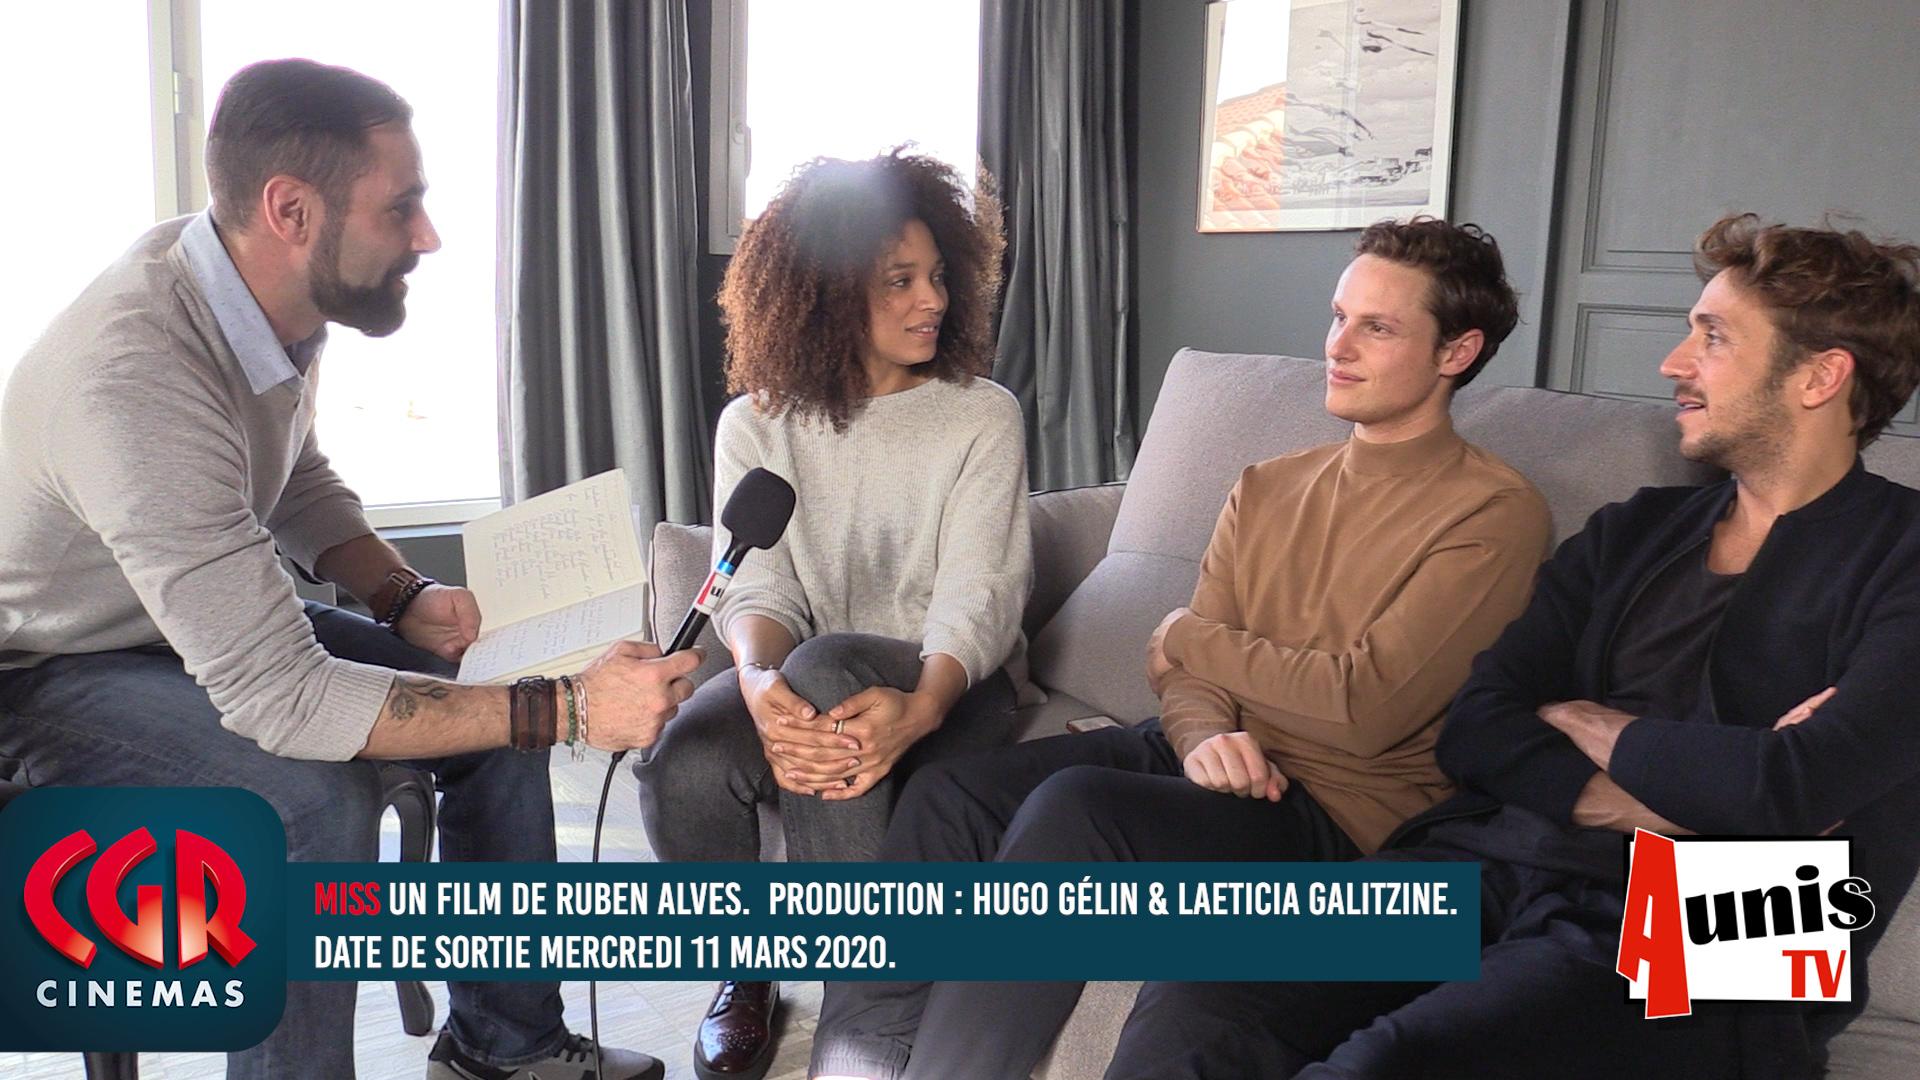 Film MISS Cinémas CGR La Rochelle Alves Celma Wetter